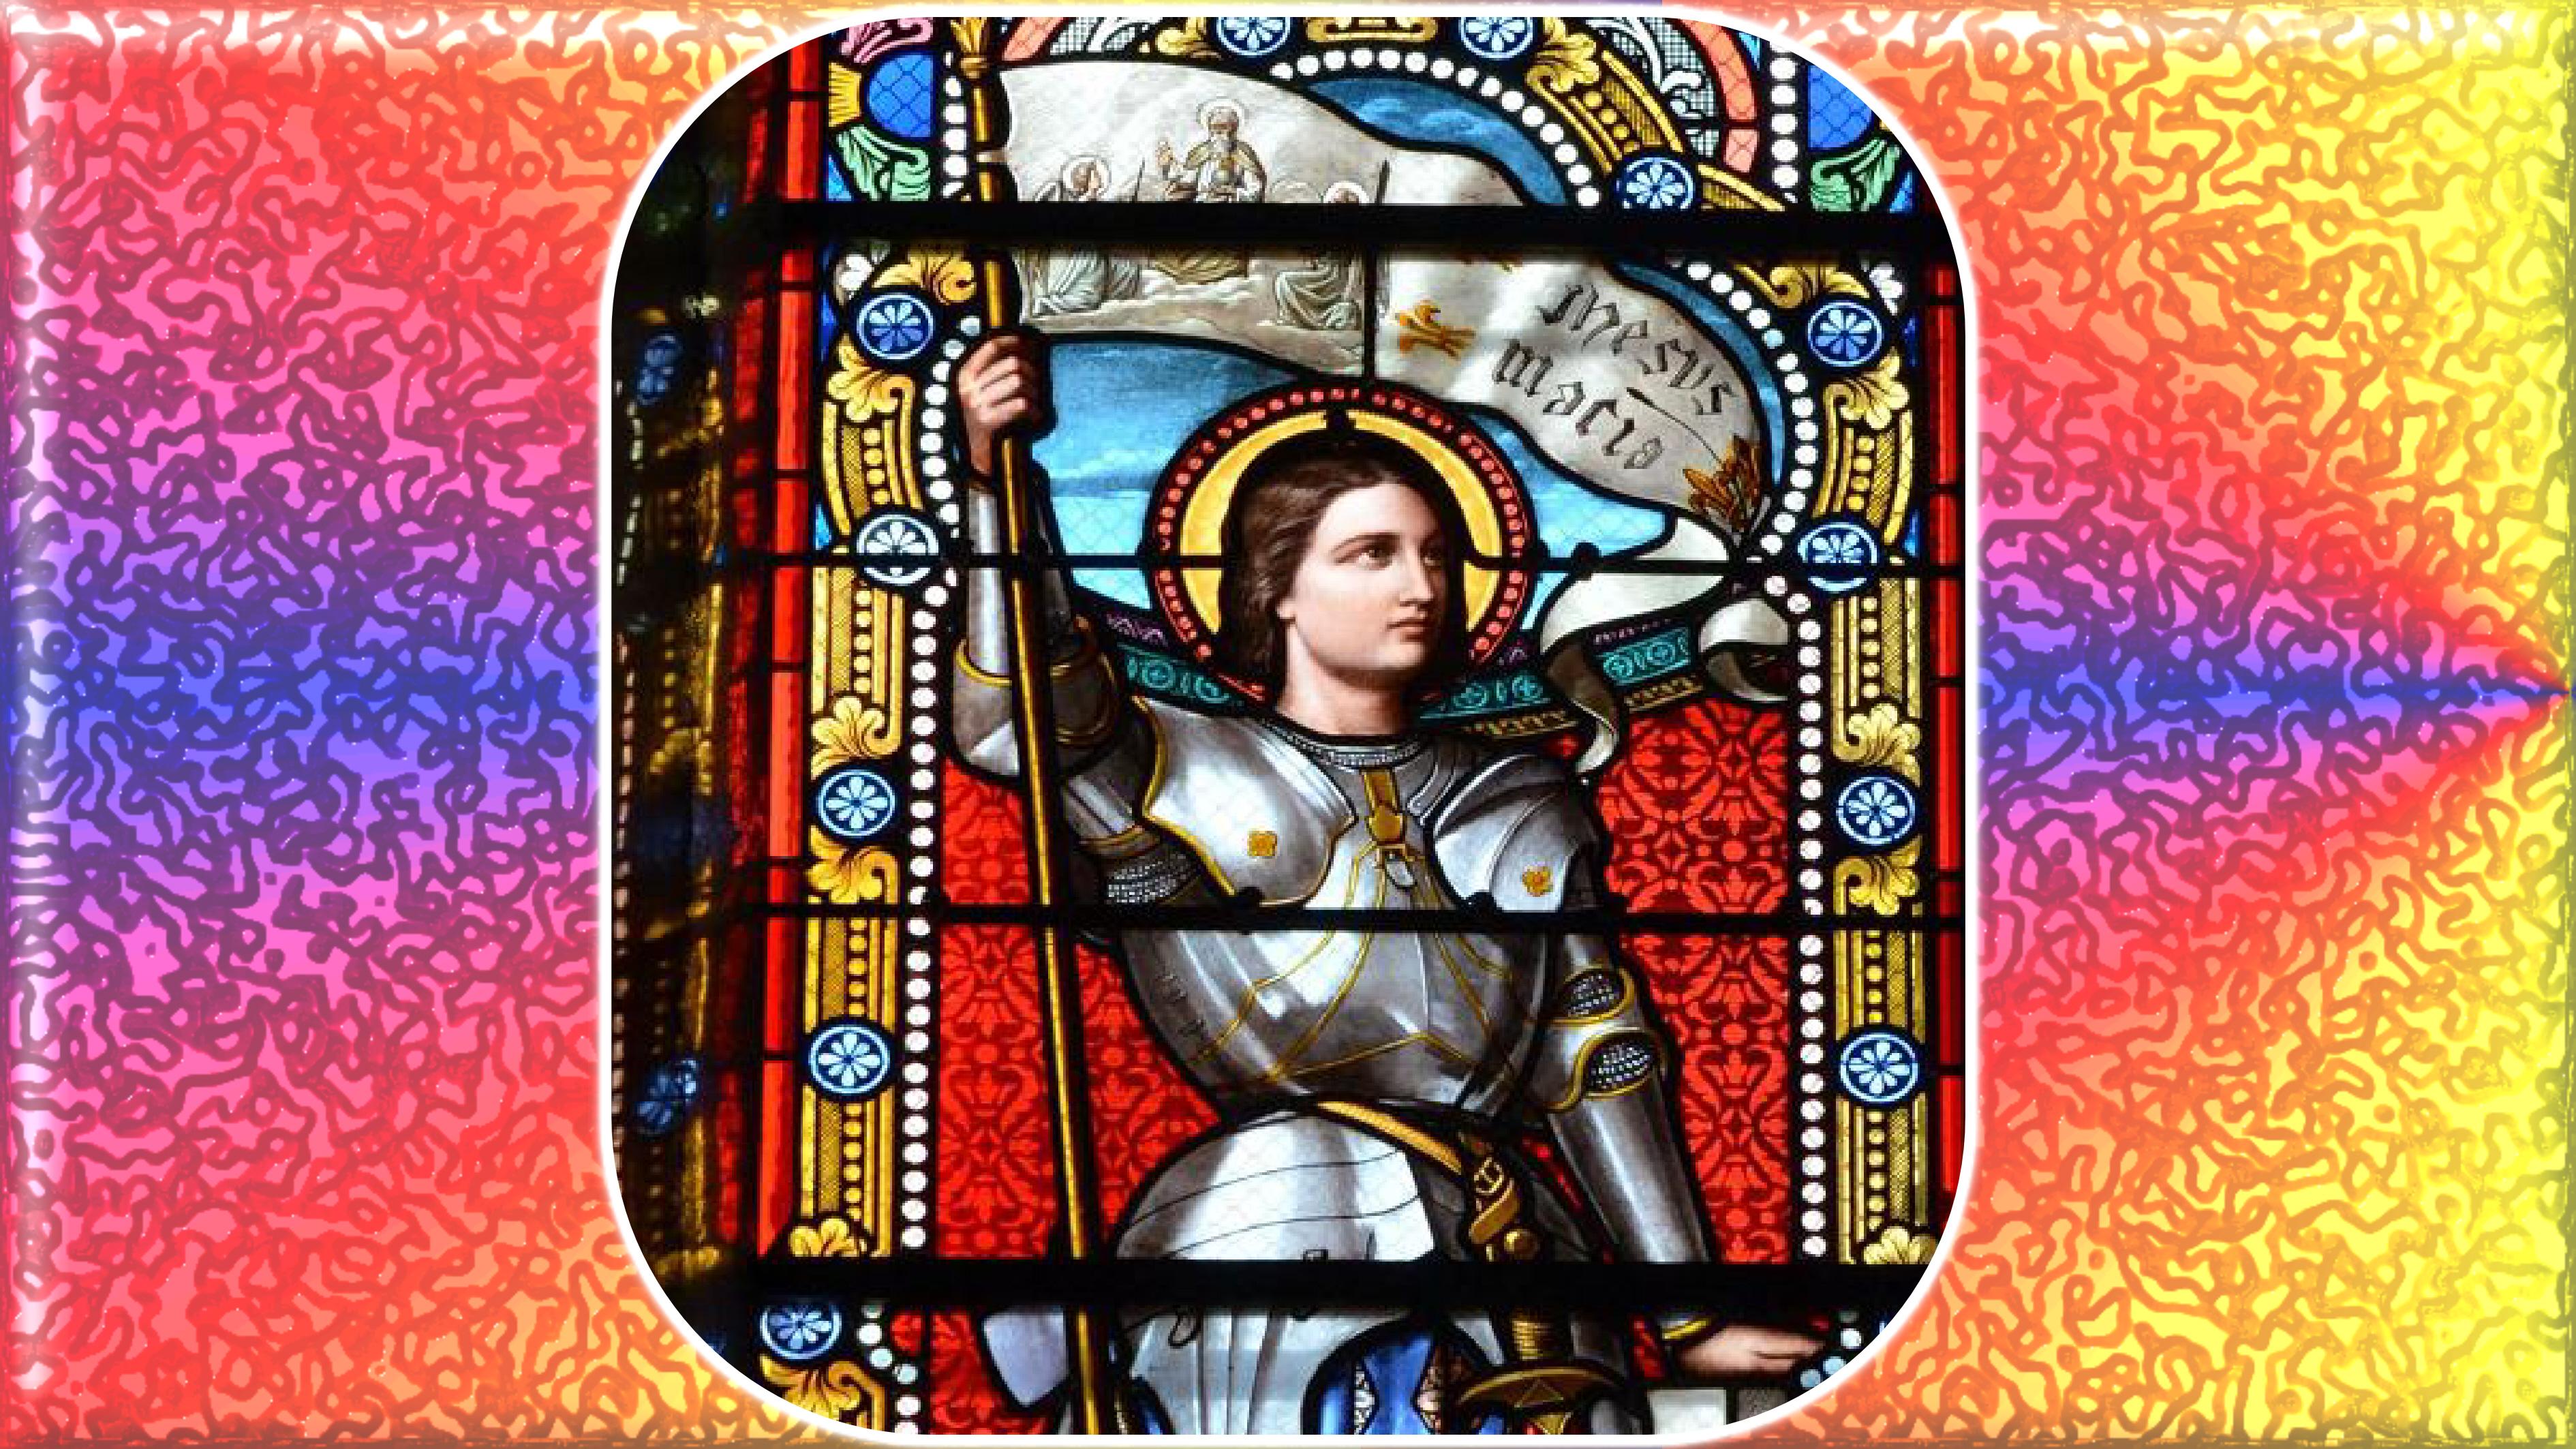 CALENDRIER CATHOLIQUE 2020 (Cantiques, Prières & Images) - Page 14 Ste-jeanne-d-arc-2--575bc6f